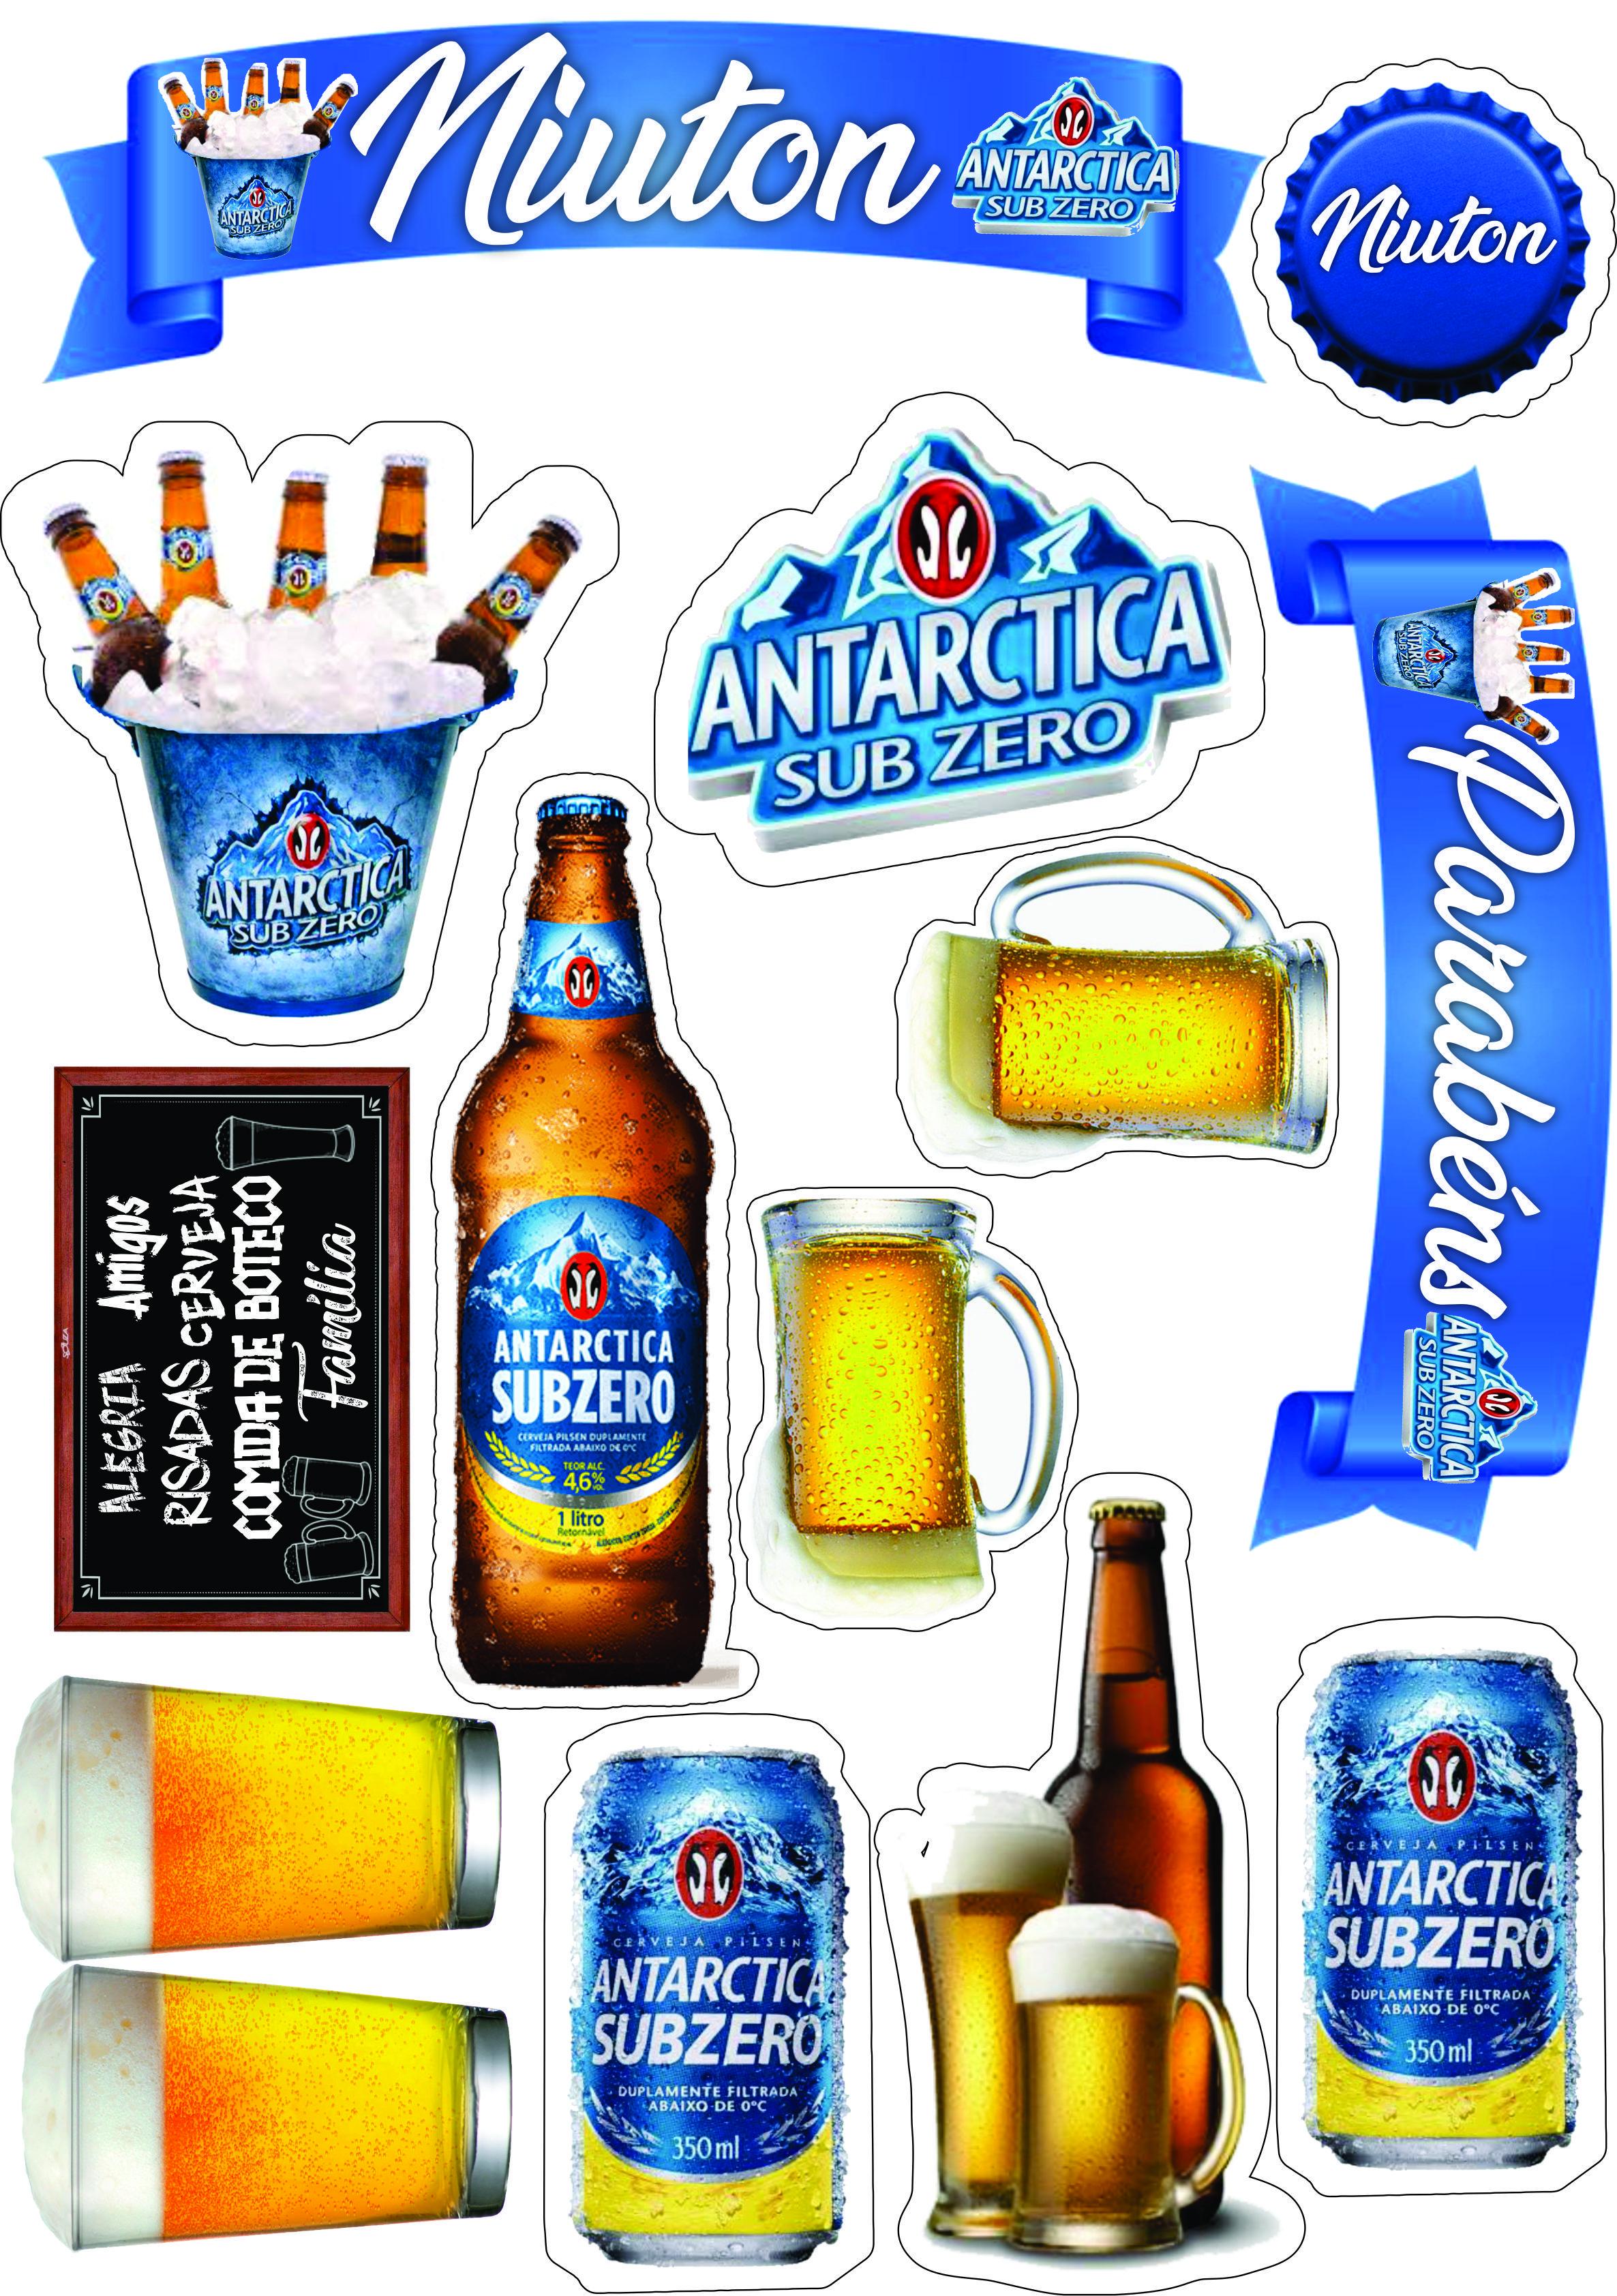 Pin De Thannia Cruz Em Convites Topo Bolo Bolo Cerveja Comida De Boteco Bolo Boteco